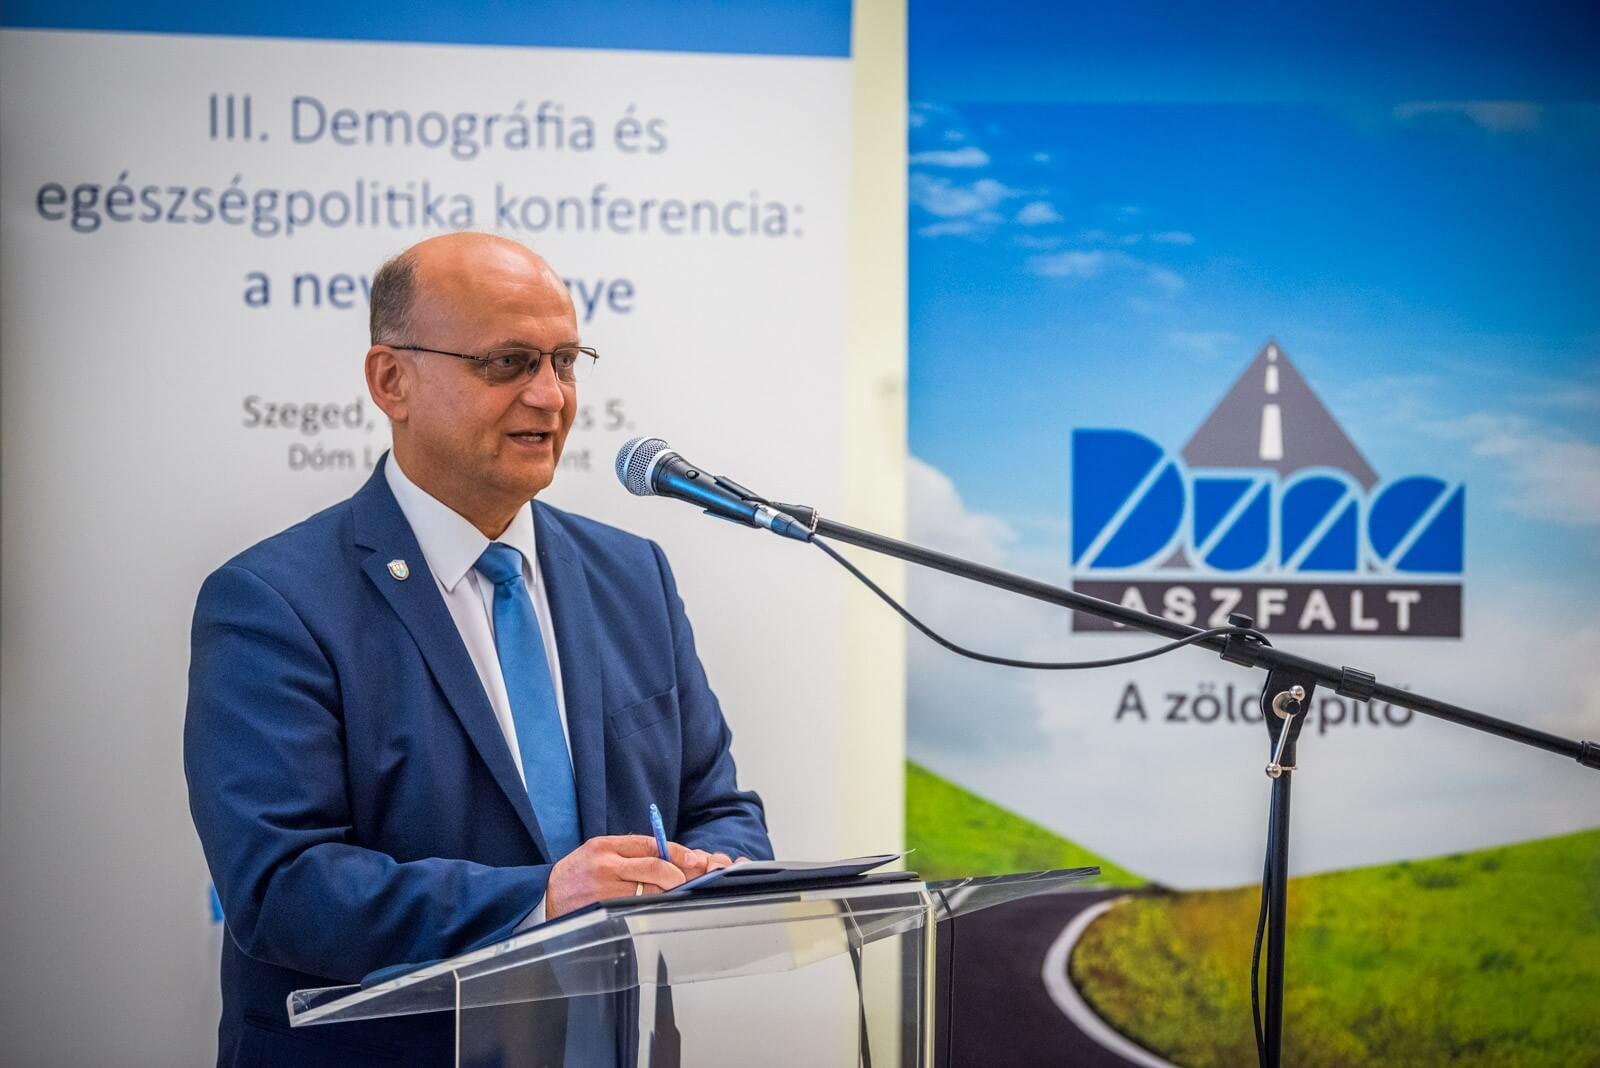 A nemzet életben tartásáért szerveztek konferenciát Szegeden